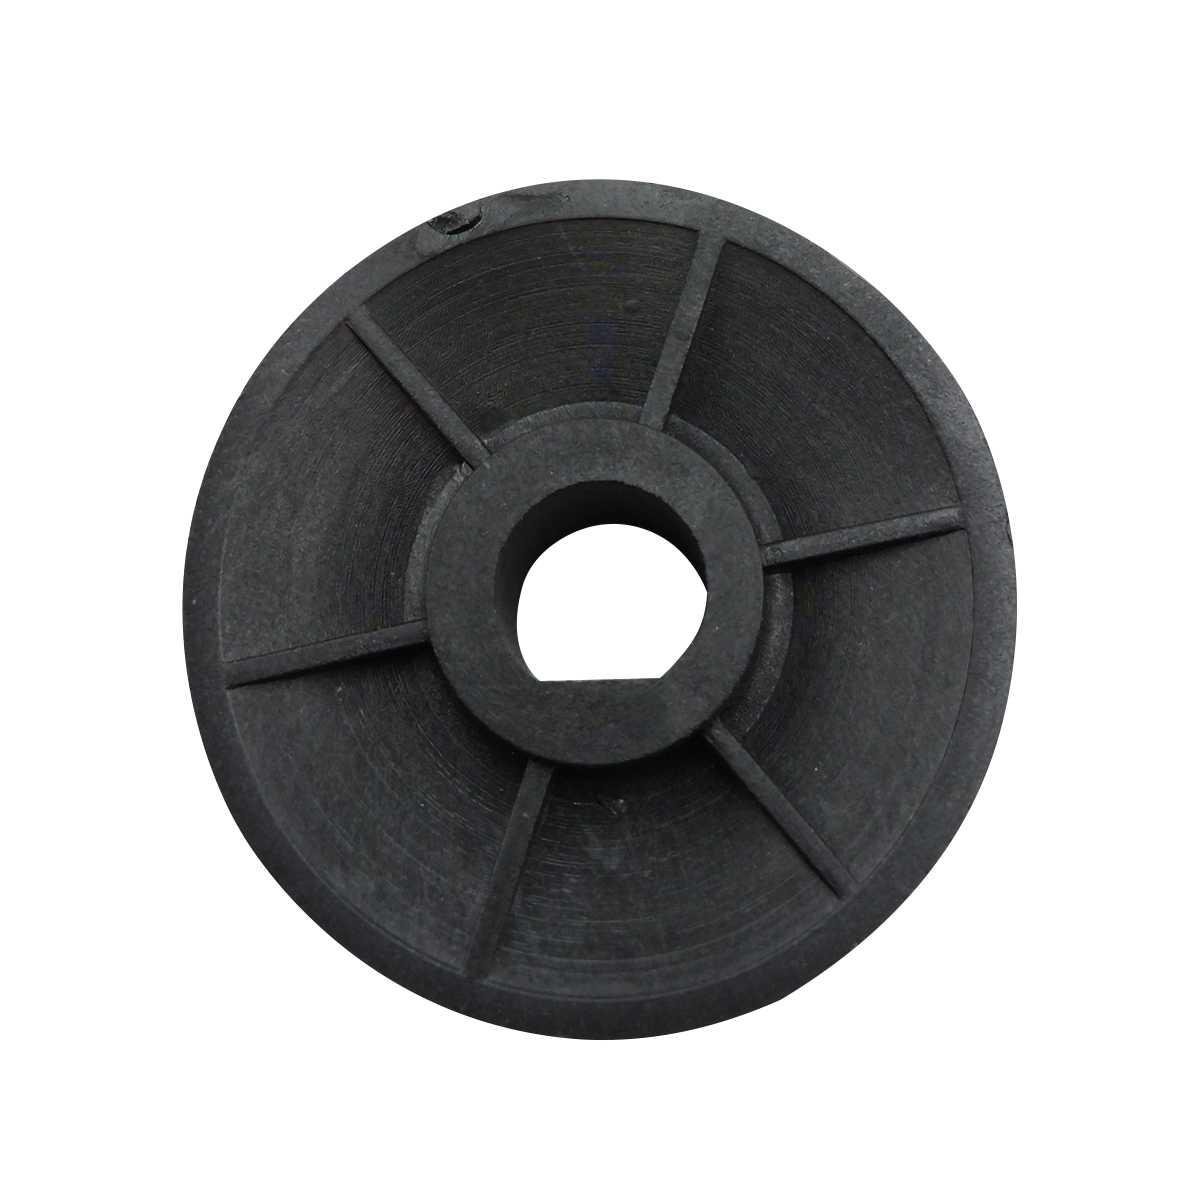 Polia do motor tanquinho Colormaq LCM 6.4